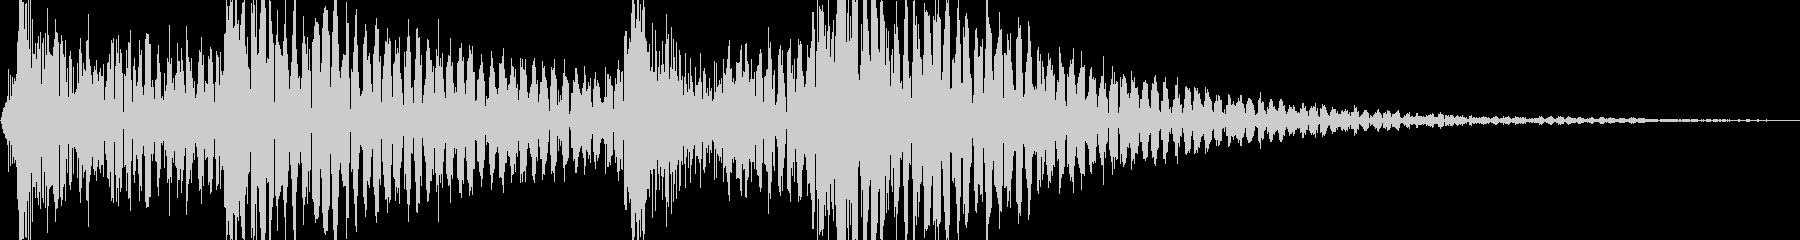 ジャンジャジャン (三味線、太鼓)の未再生の波形